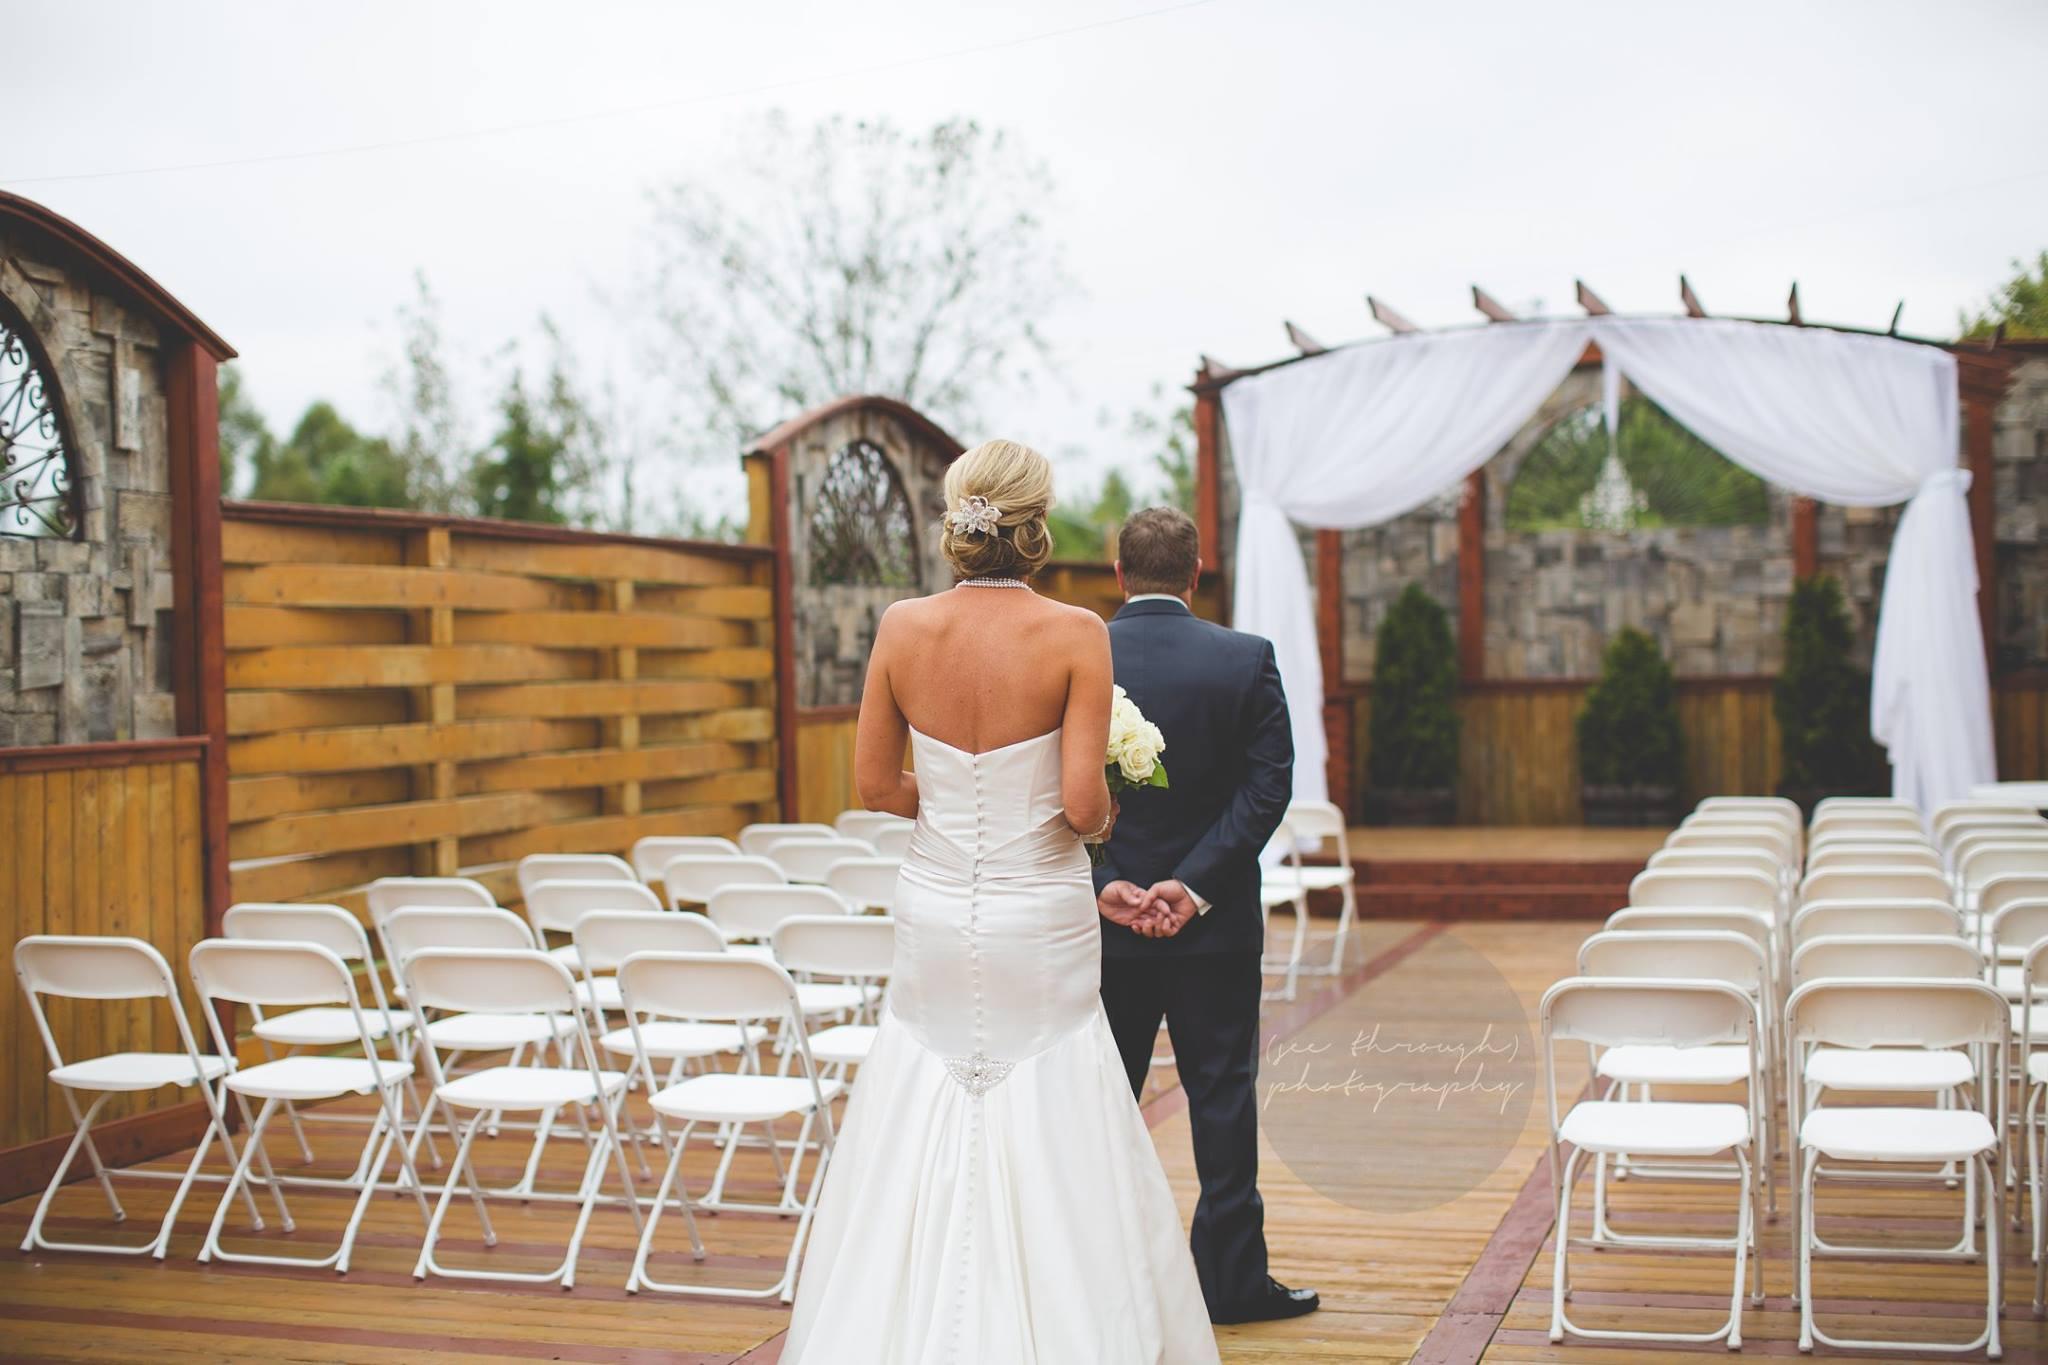 Wedding event venue carbondale il garden grove - The wedding garden carbondale il ...